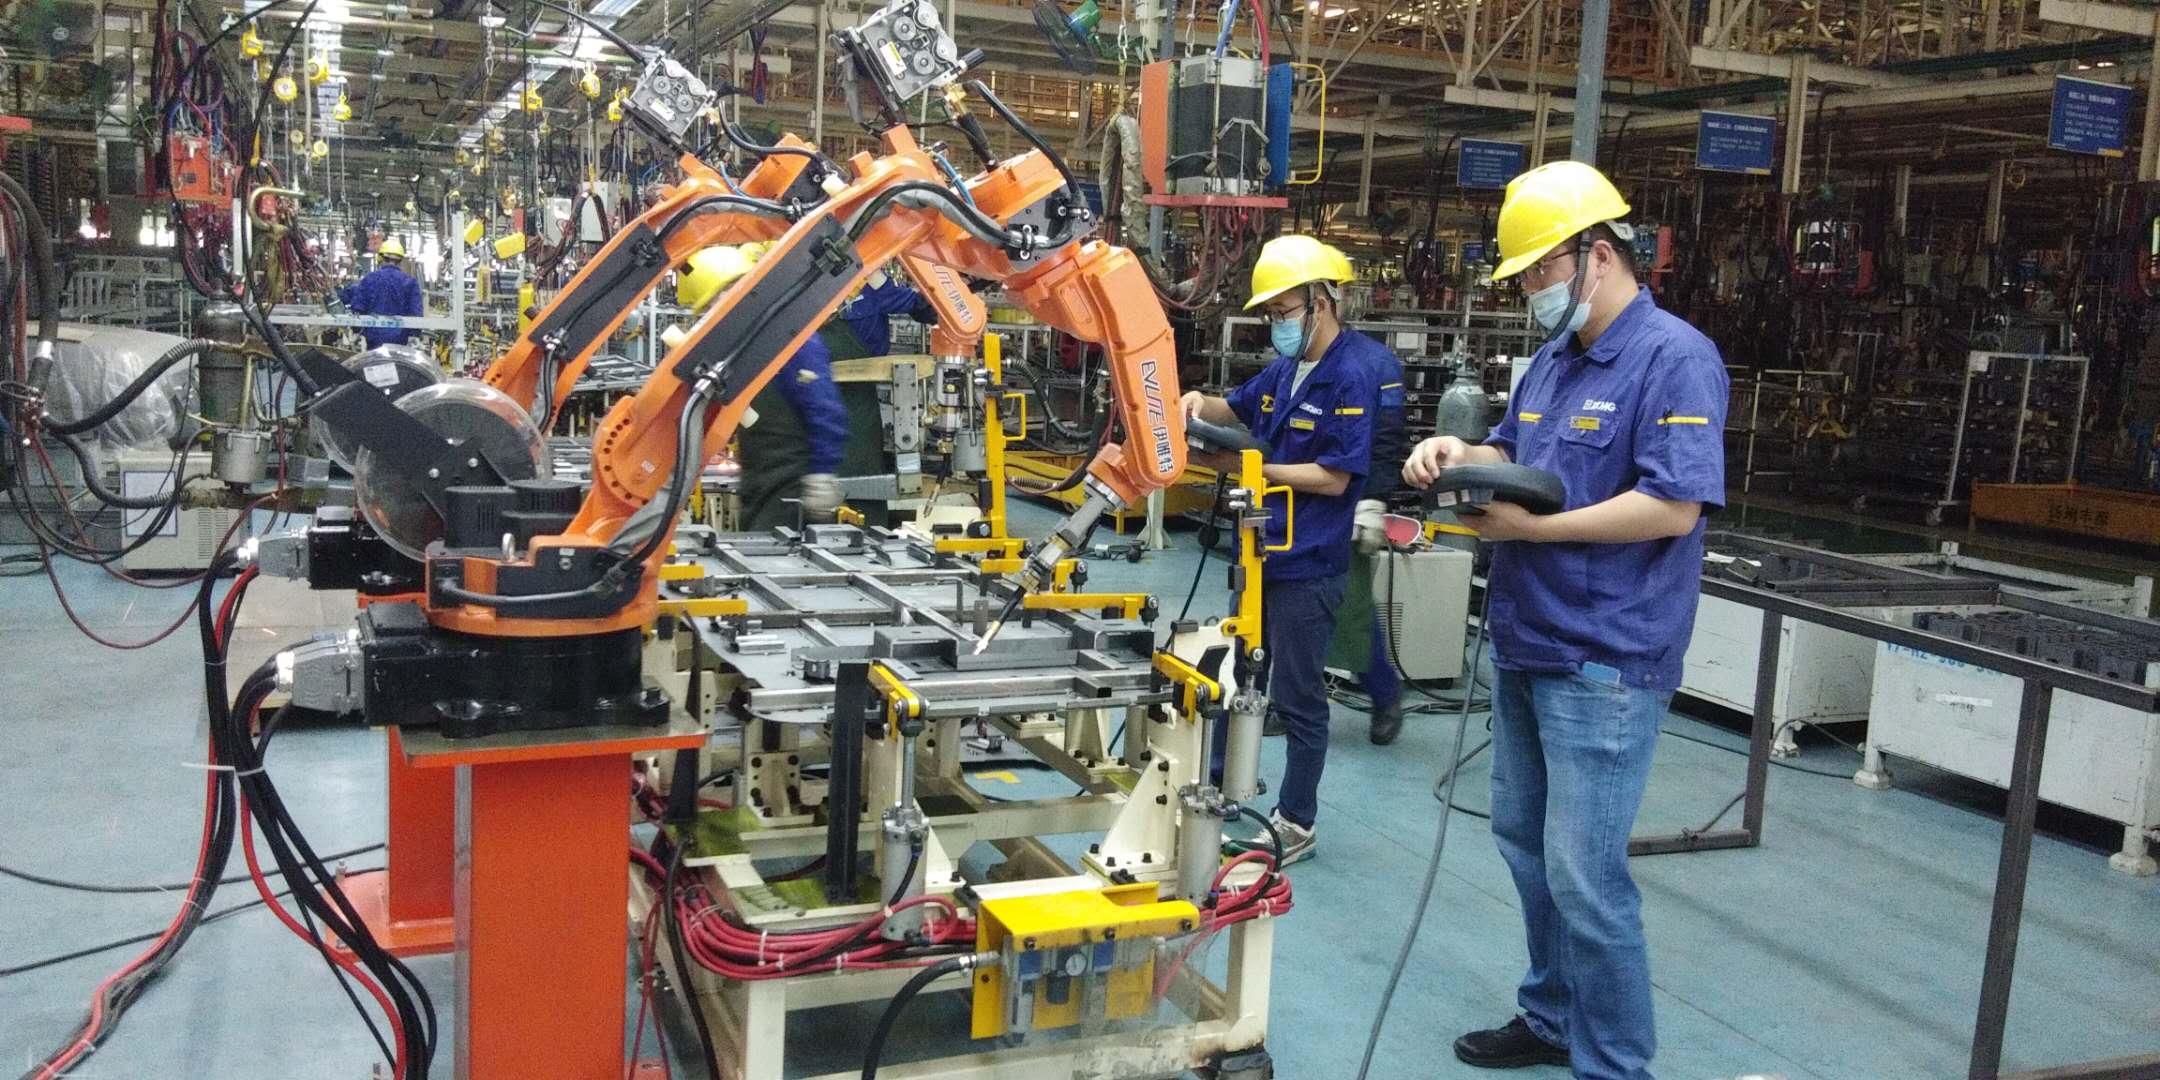 伊唯特焊接机器人汽车配件焊接